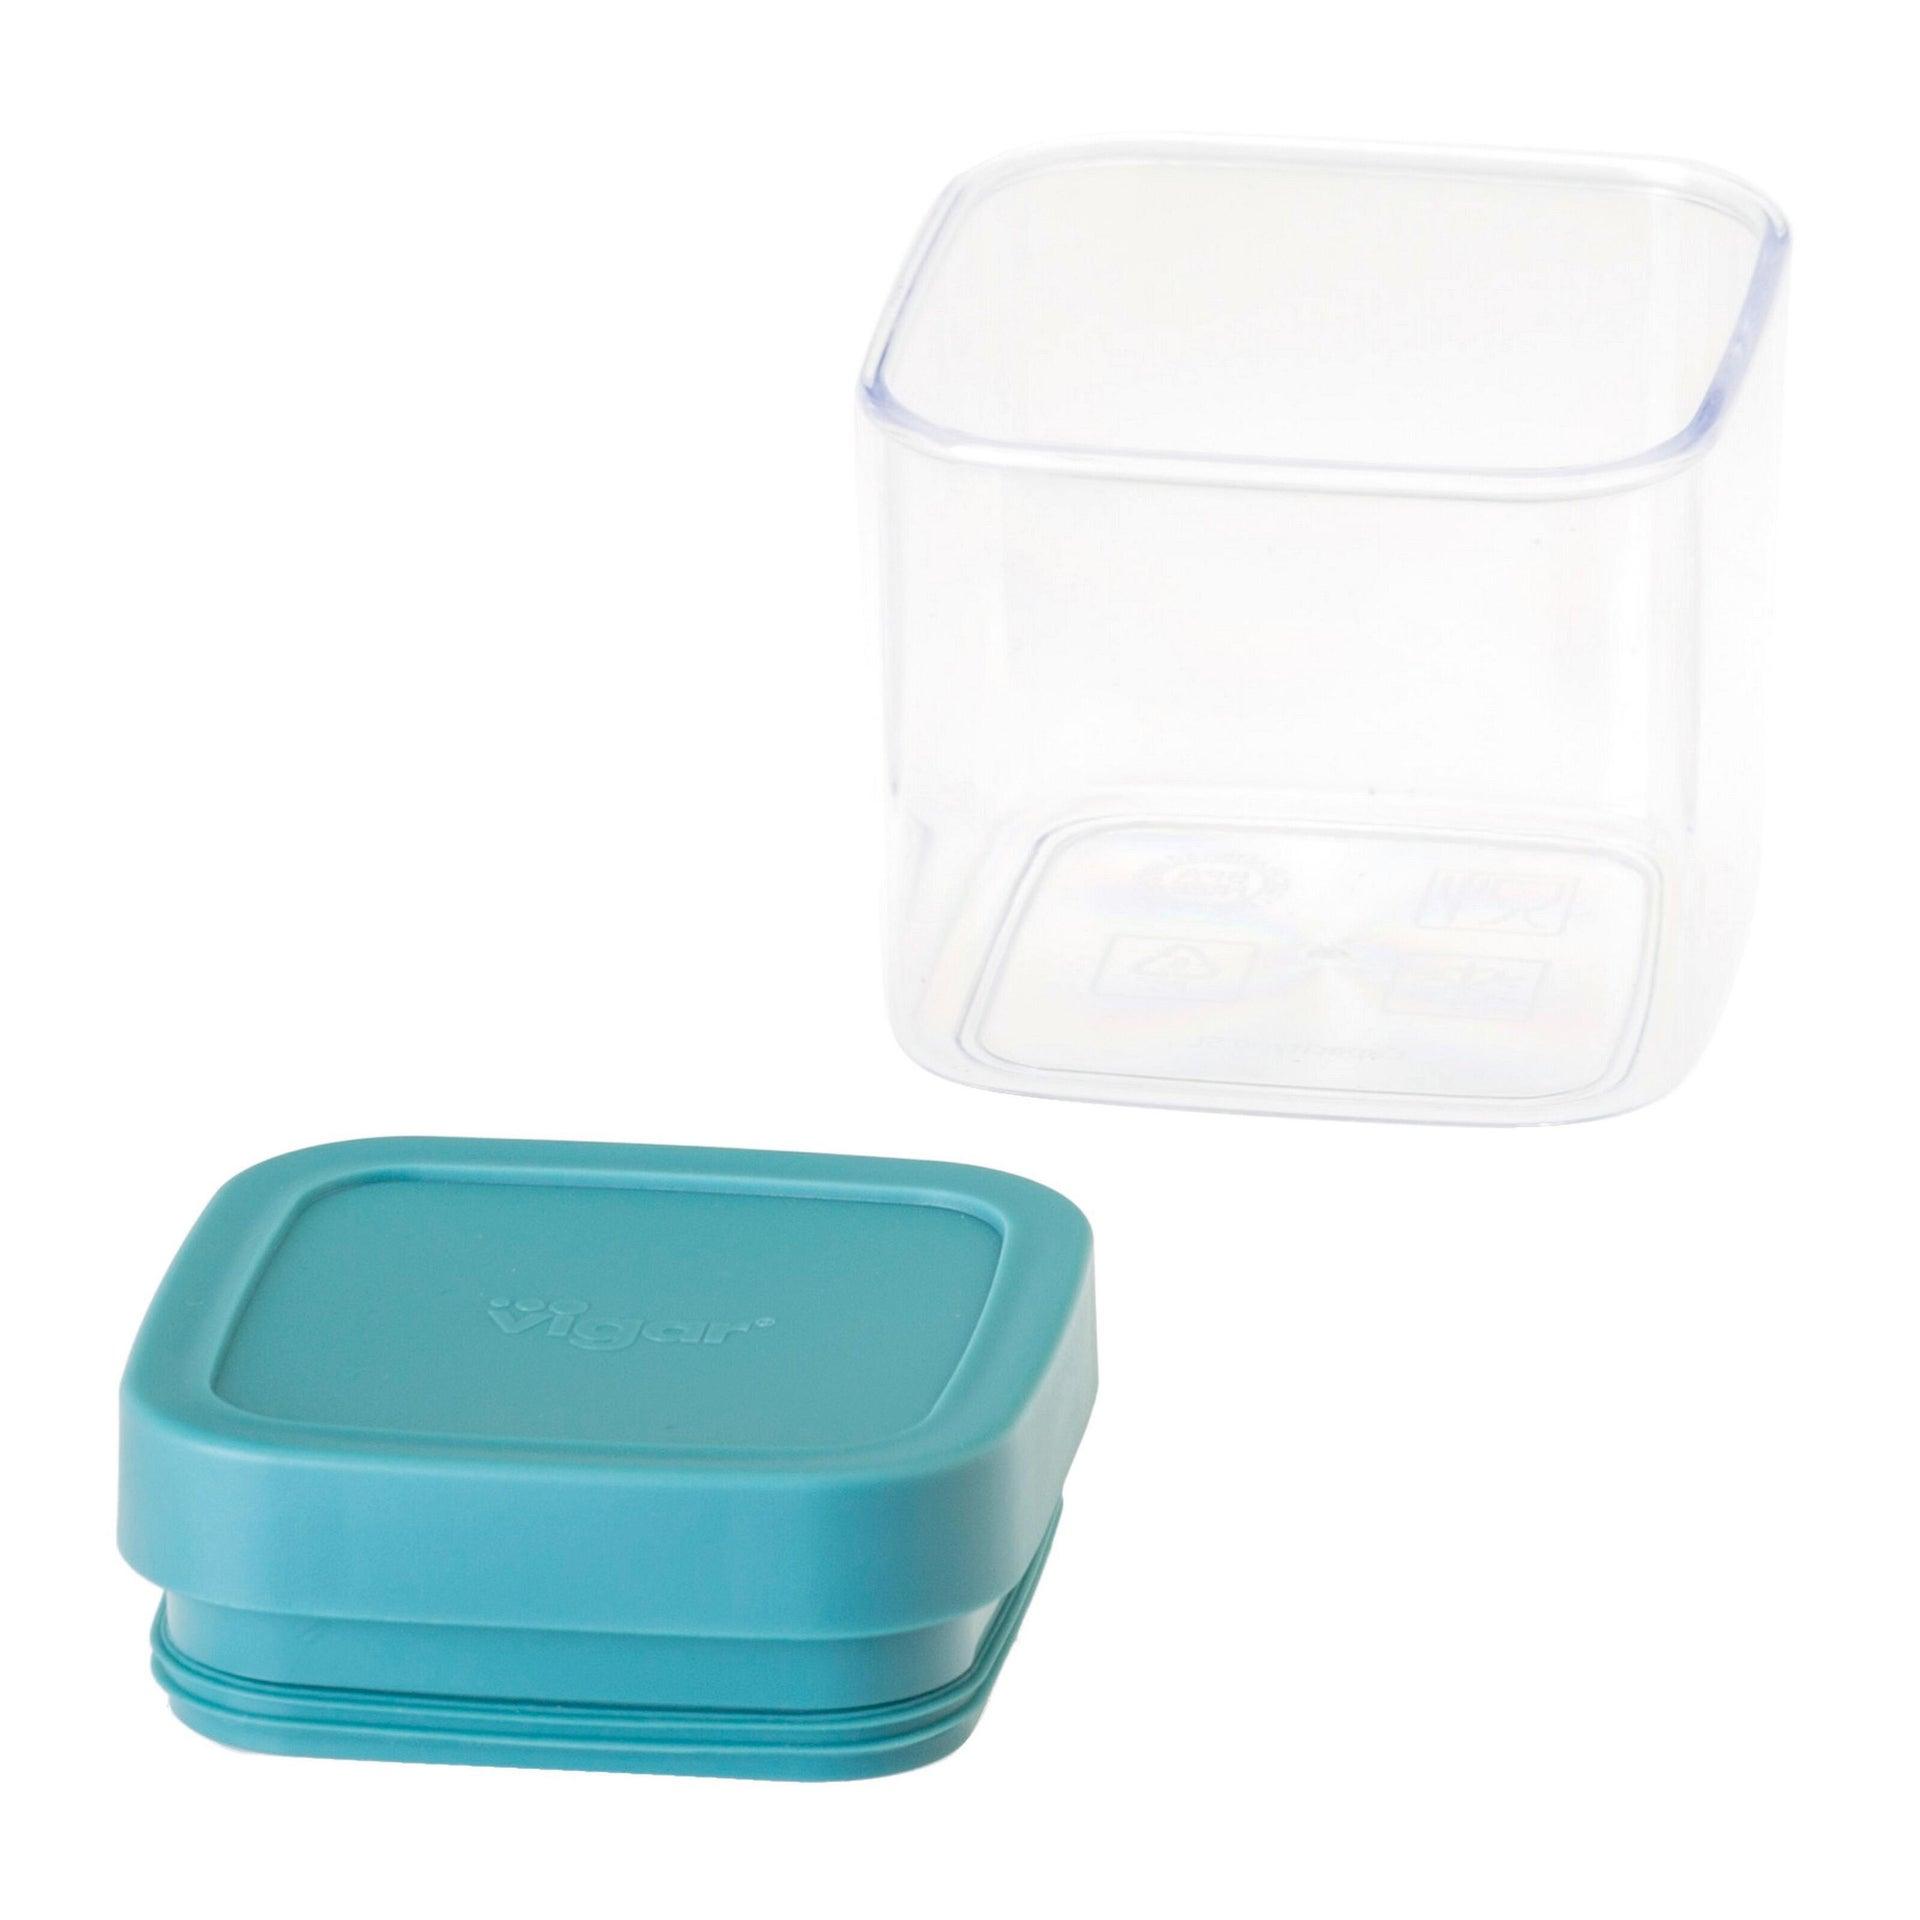 Contenitore da cucina in plastica 0.5 L - 3